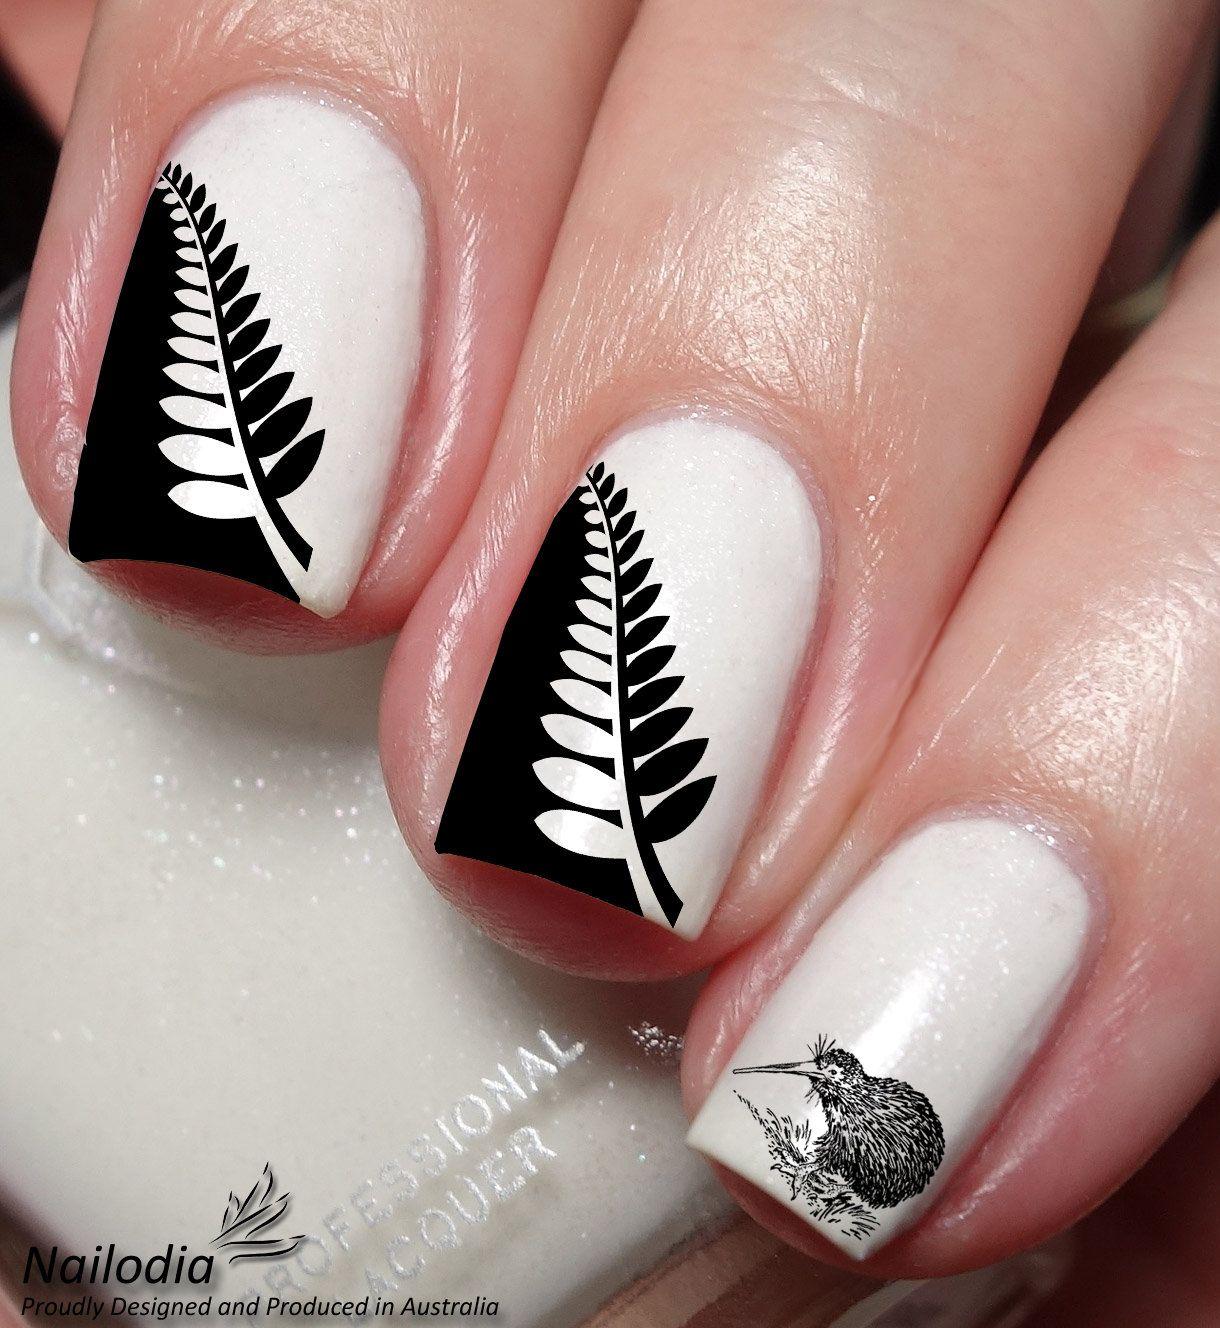 Kiwi new zealand nail art sticker by nailodia on etsy